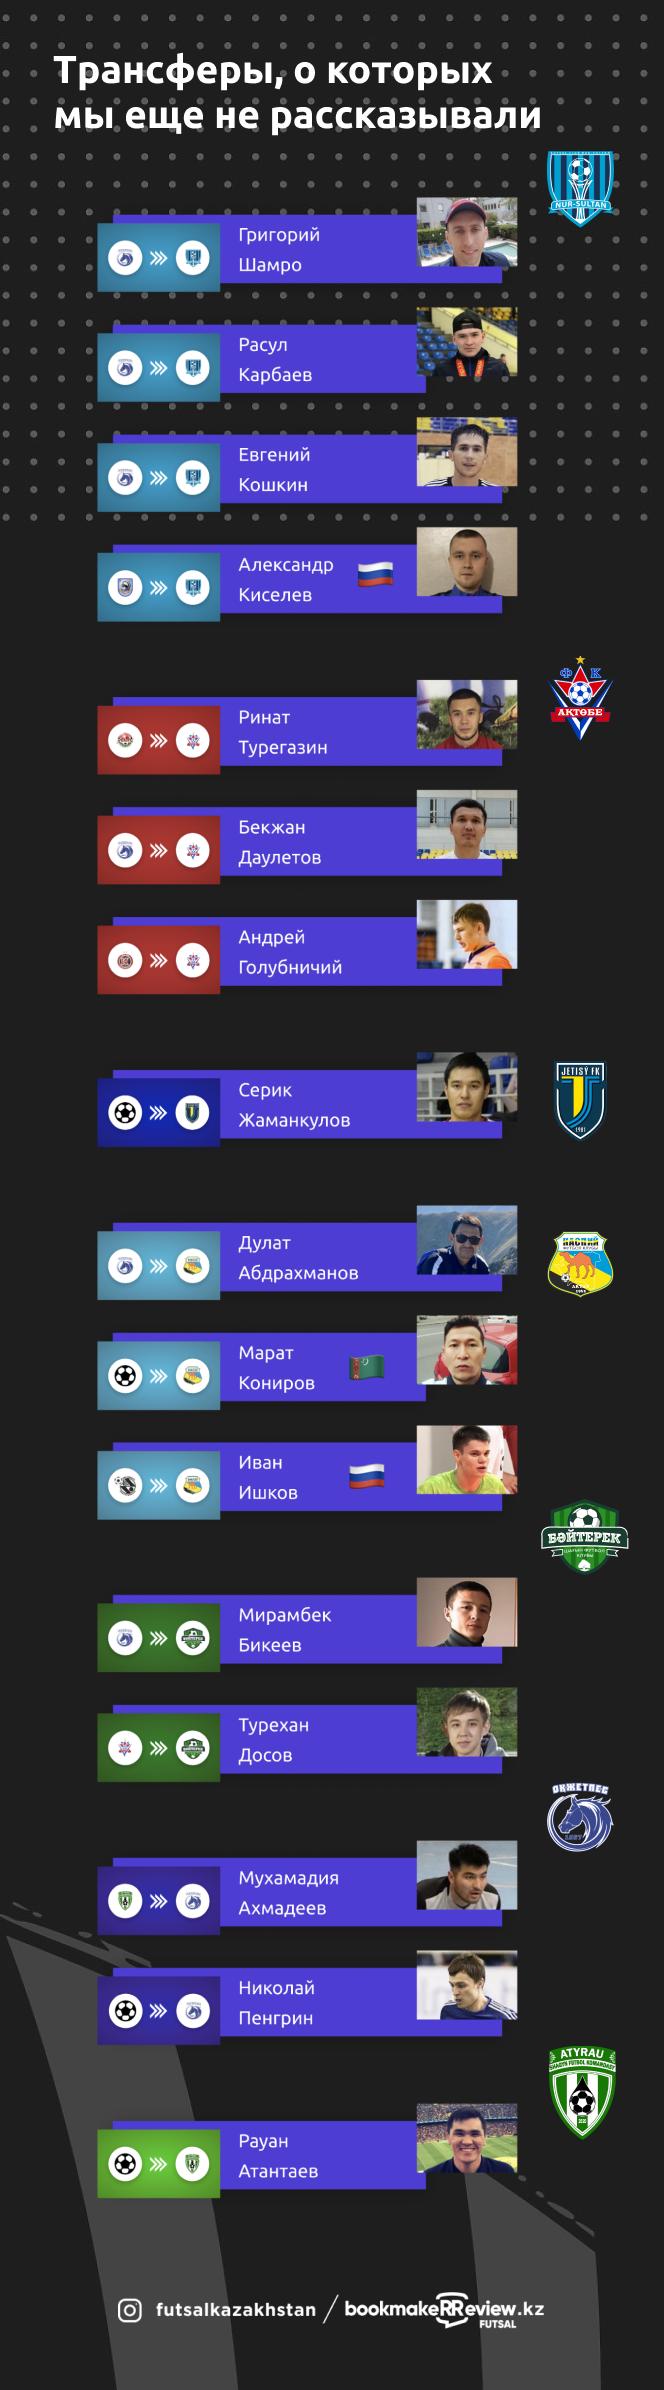 Трансферы в чемпионате Казахстана по футзалу 2020/21: о новых игроках и переходах